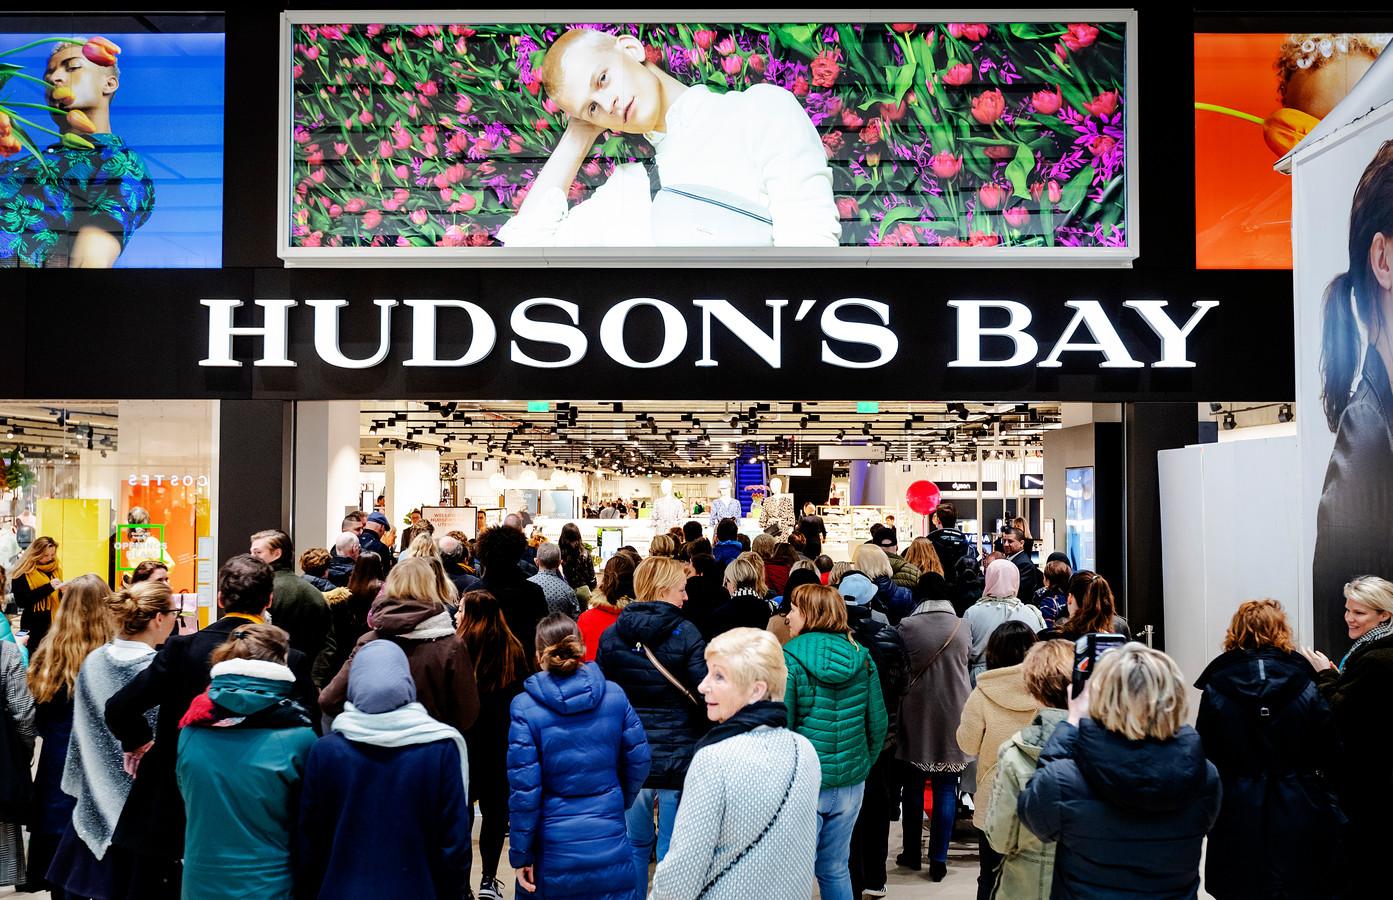 Mensen staan in de rij tijdens de opening van het warenhuis Hudson's Bay in Hoog Catharijne.